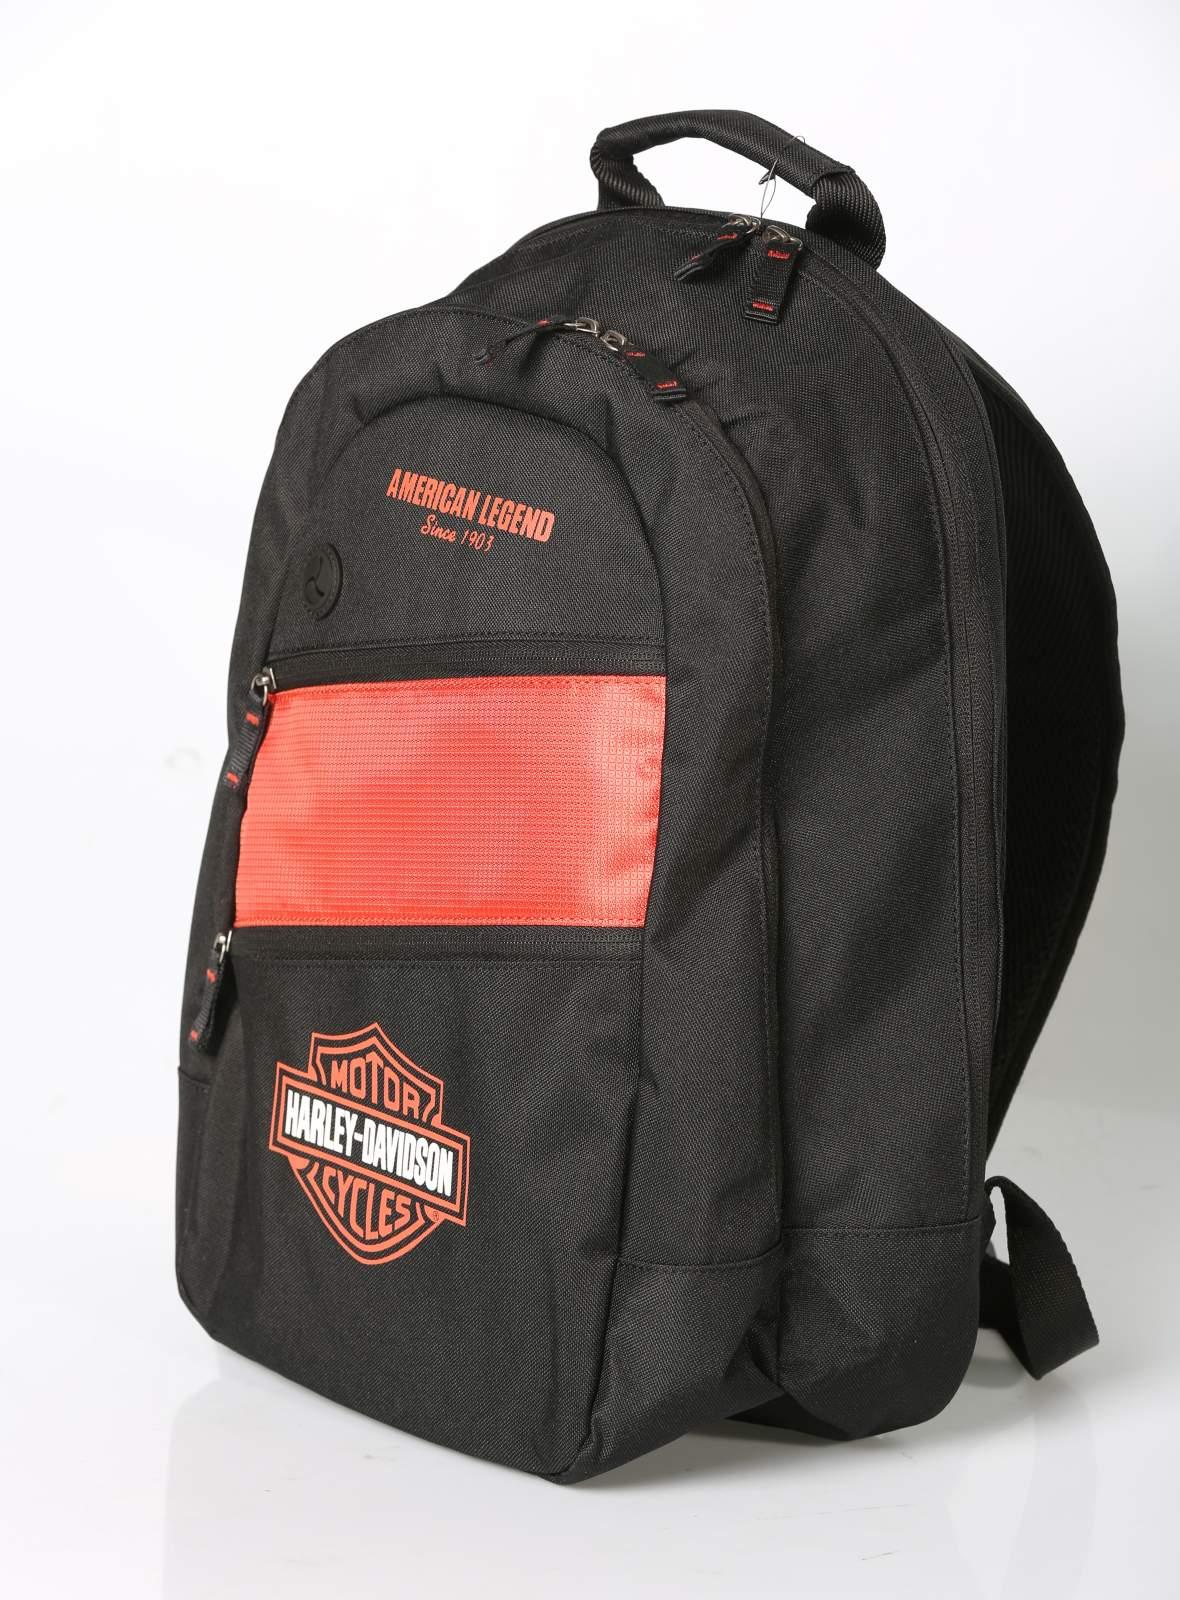 harley davidson rucksack day pack orange schwarz im. Black Bedroom Furniture Sets. Home Design Ideas